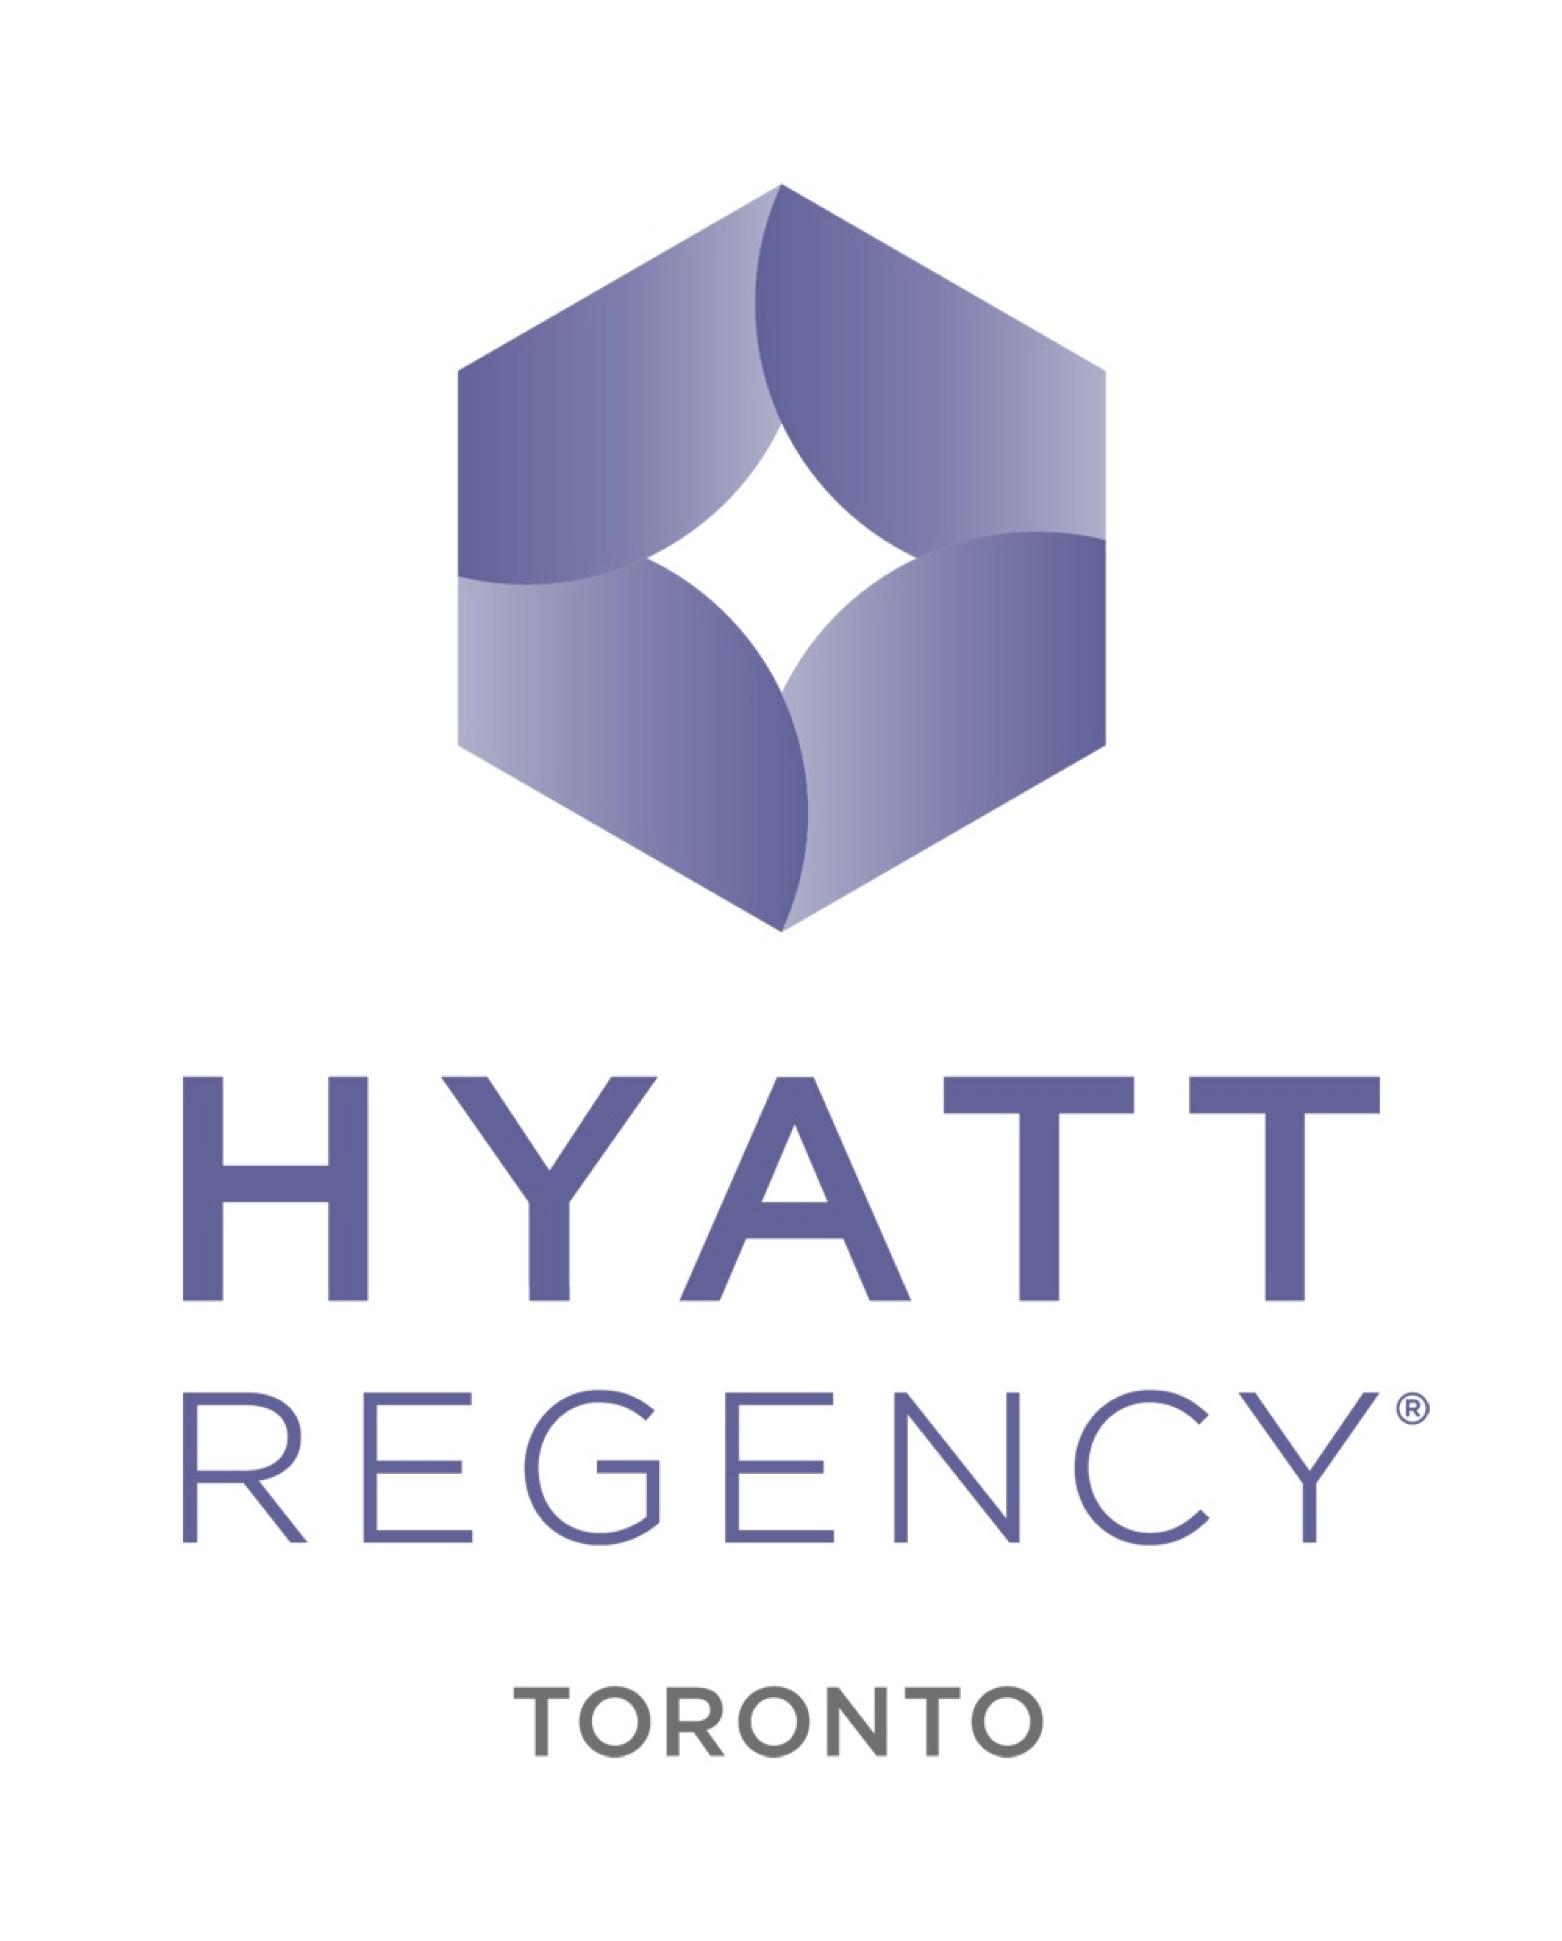 hyatt-regency-toronto-logo